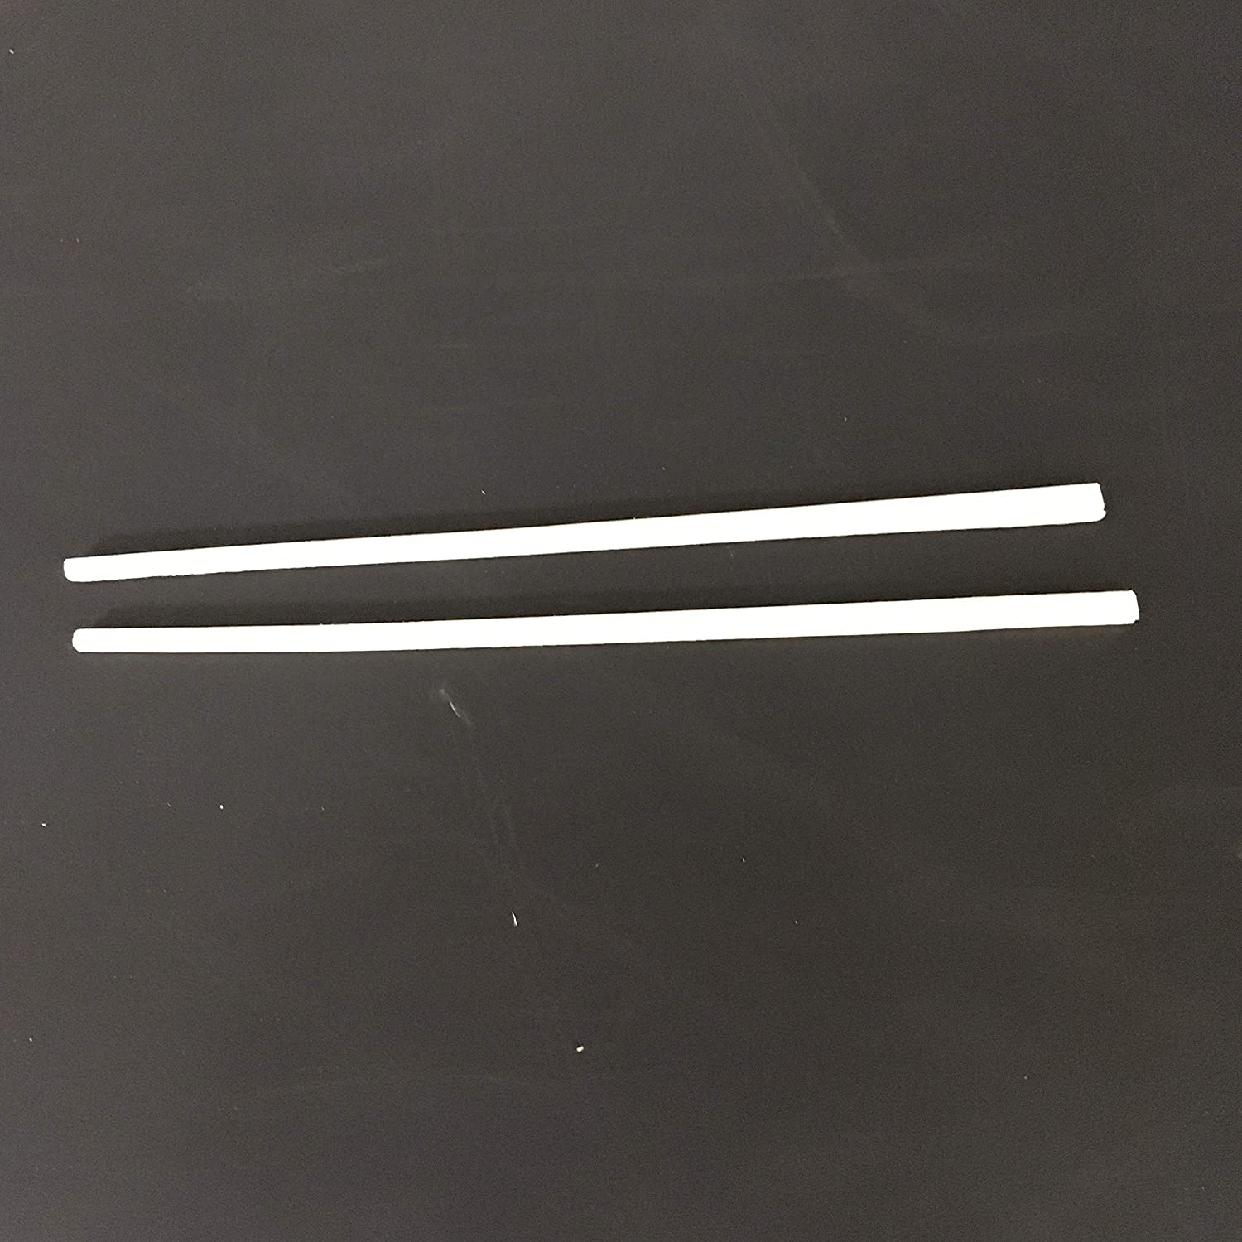 シンワアスペン元禄箸 500膳 20.5cmの商品画像7